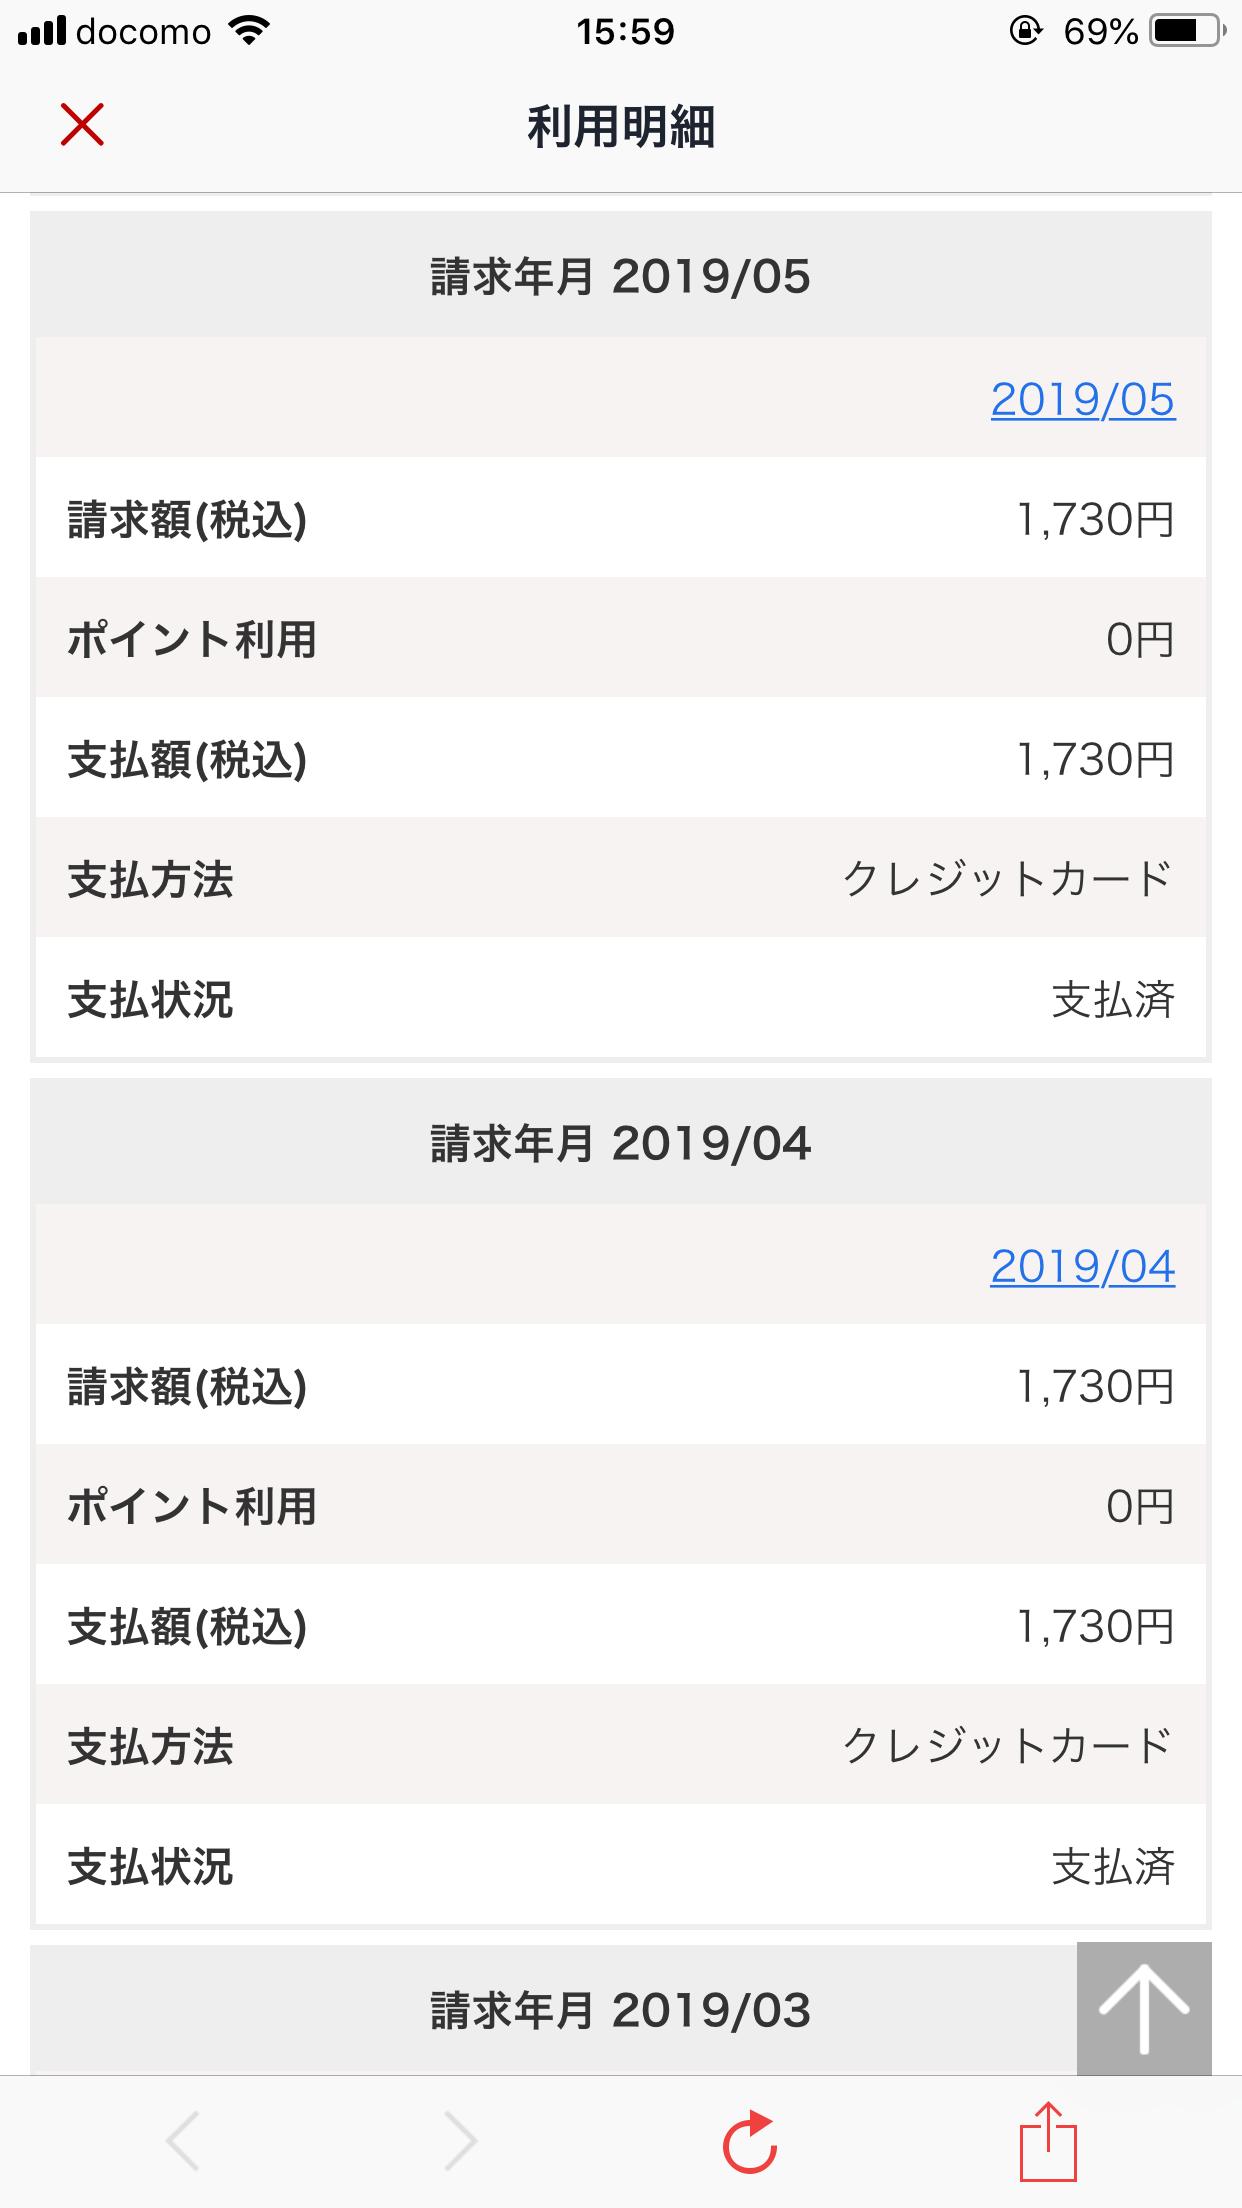 利用明細(2019/04〜2019/05)